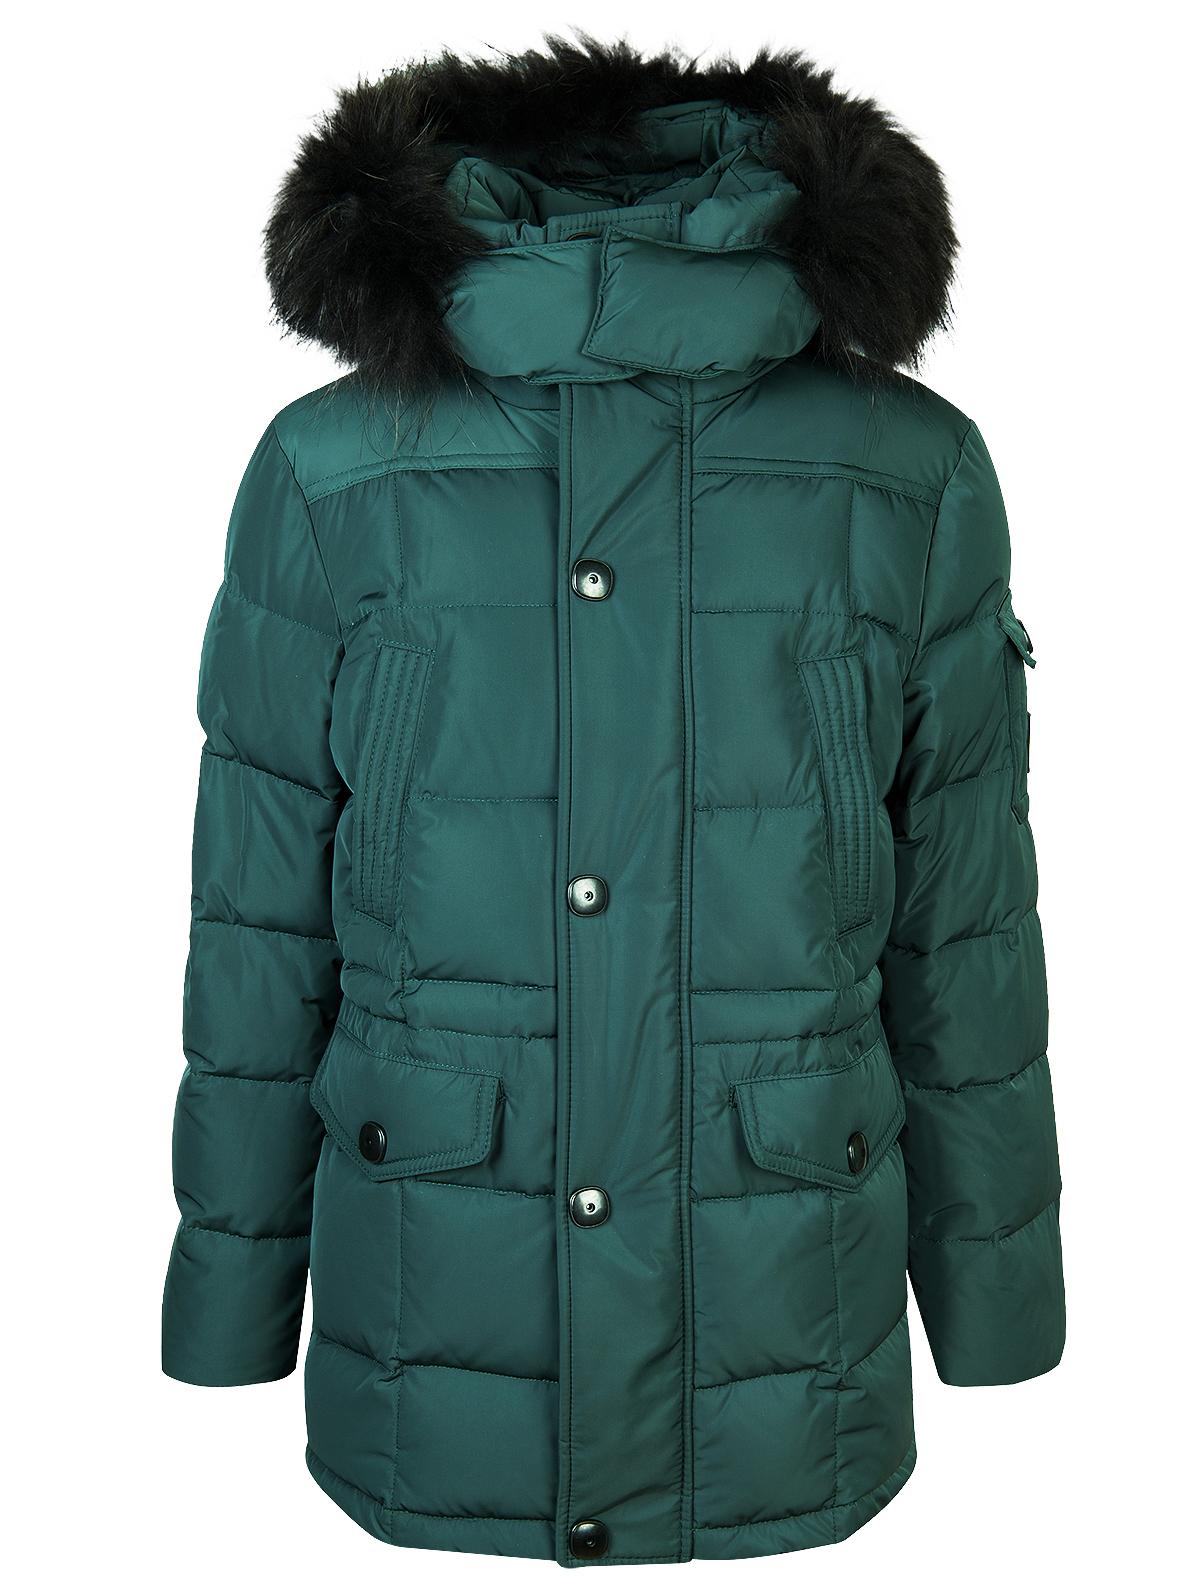 Купить 1875247, Куртка Jums Kids, зеленый, Мужской, 1074019780337